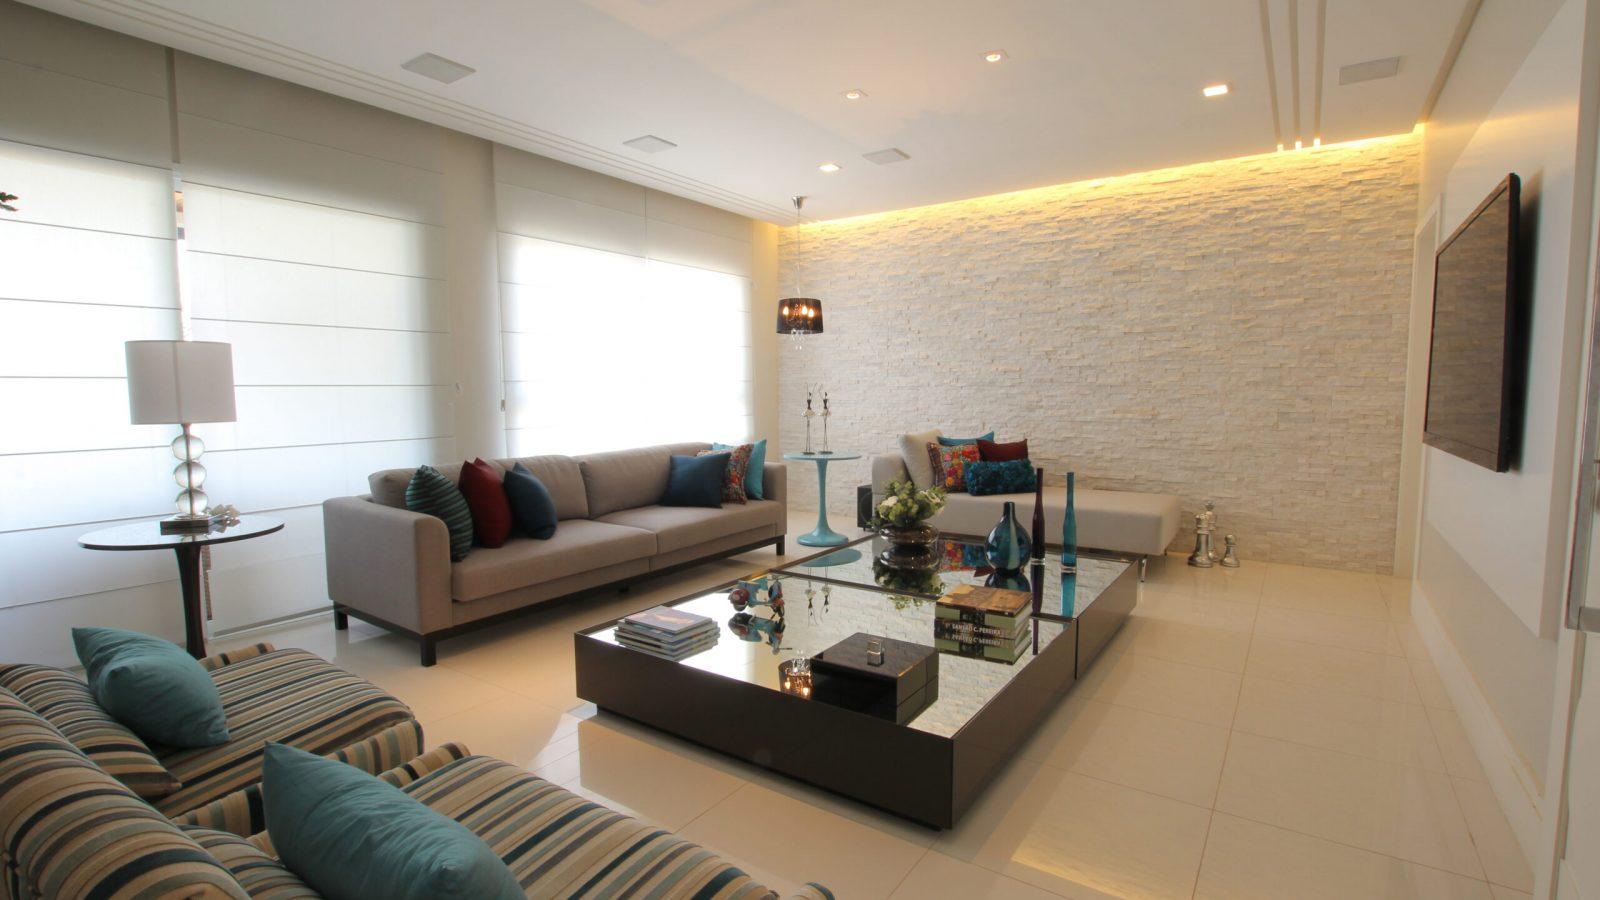 Lateral sala de estar, com duas poltronas e dois sofás. TV na parede.